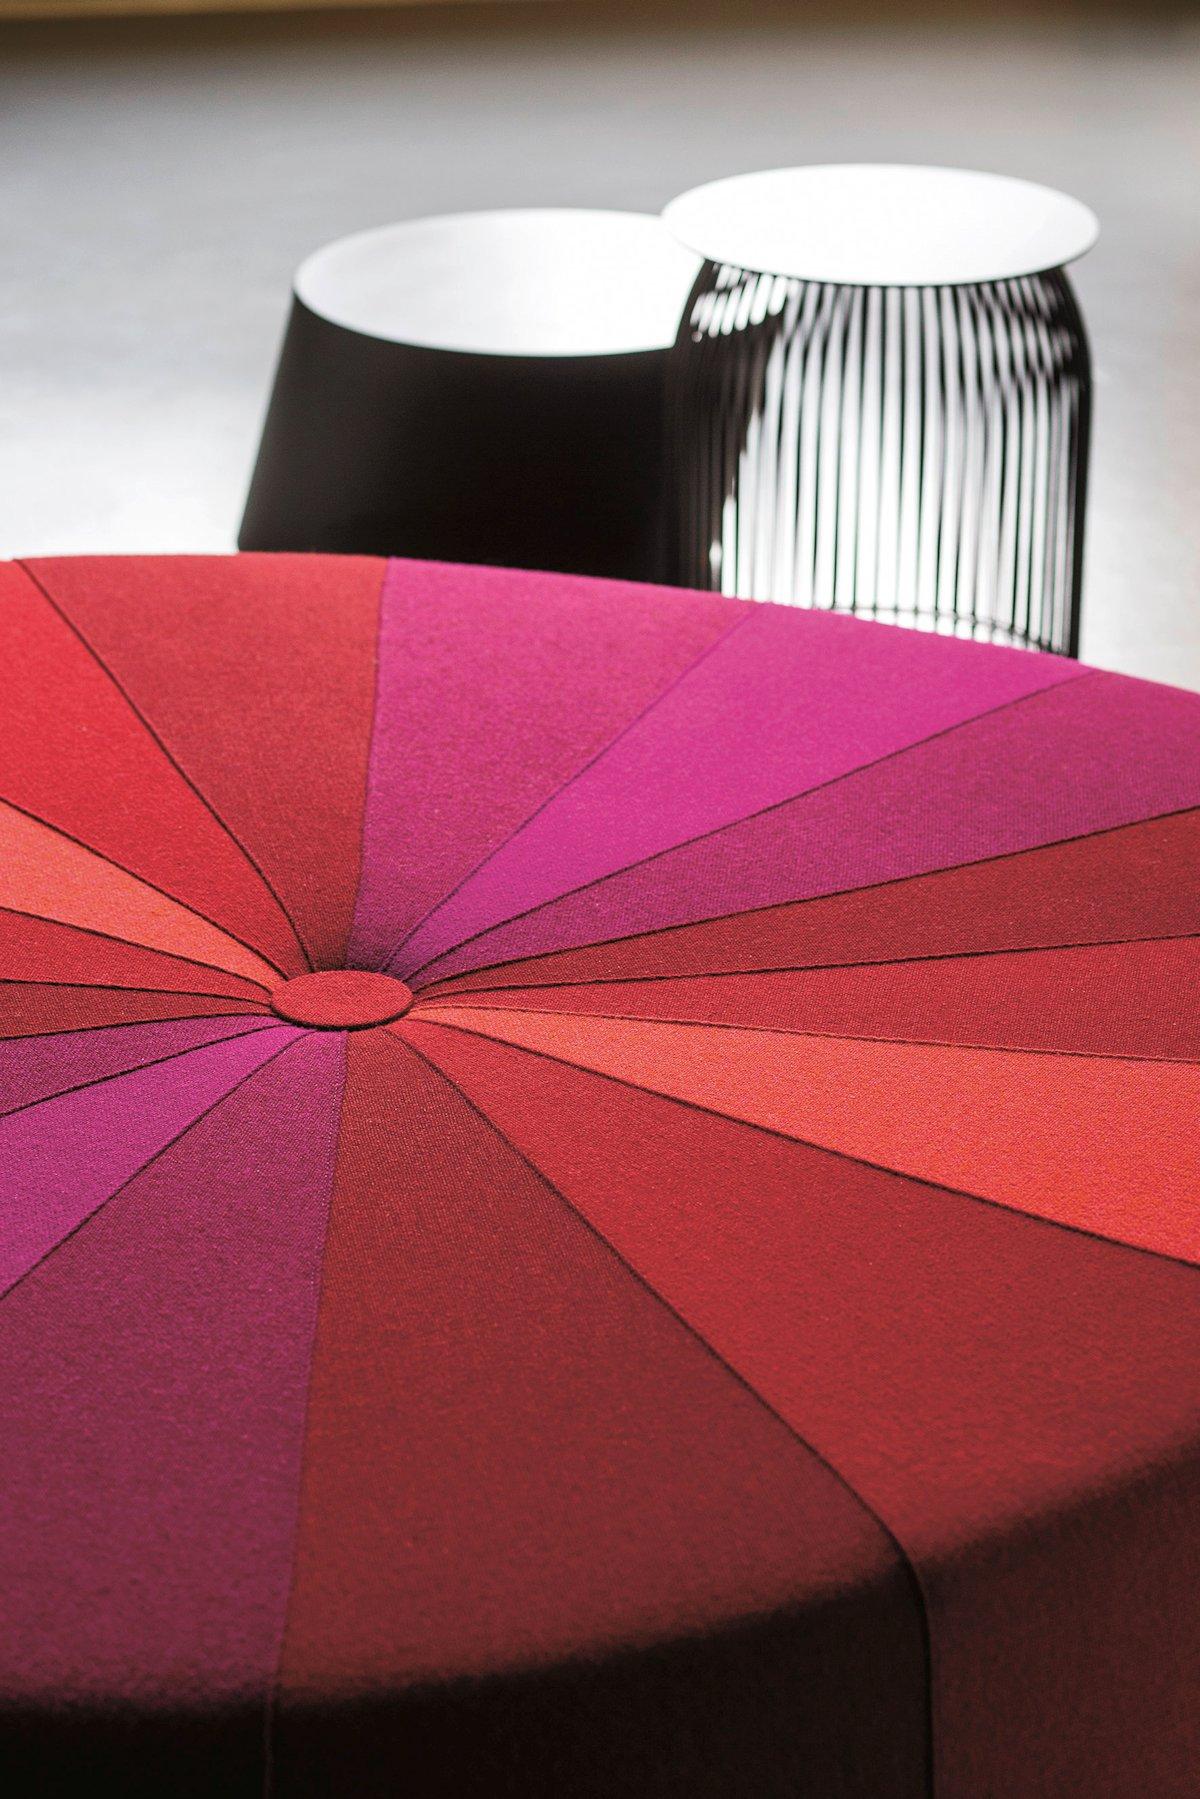 Констанс Джизе, Constance Guisset, софа Windmills, дизайнерская мебель, эксклюзивная мебель фото, мебель La Cividina, островок комфорта